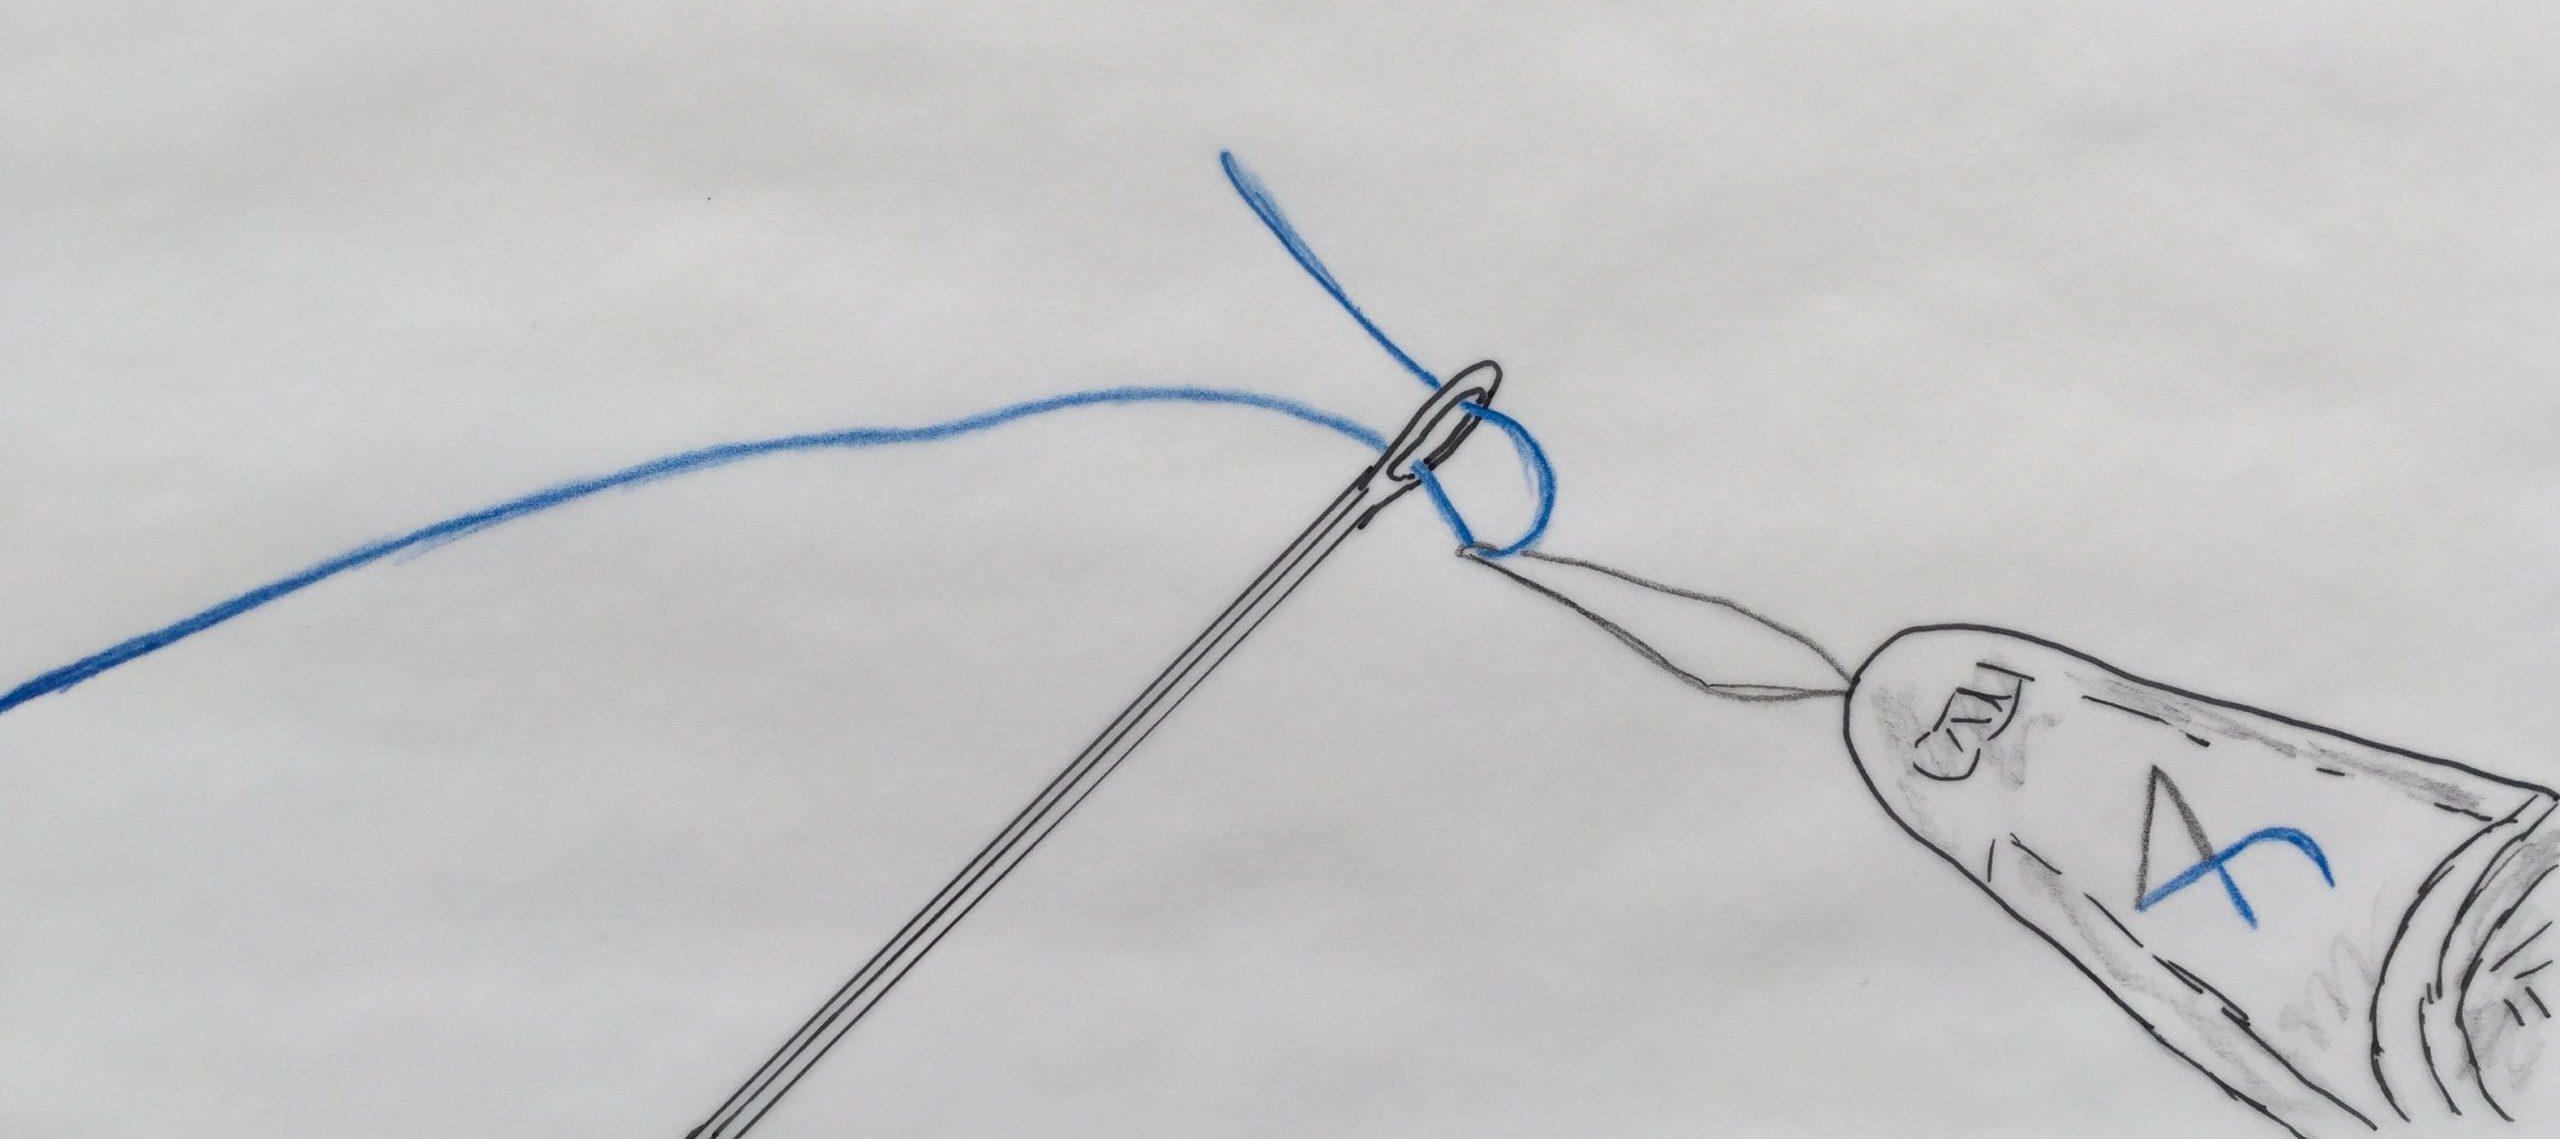 Skizze: Faden, der mit Einfädelhilfe durchs Nadelöhr gleitet. Die FinanzKanzlei Bayern fädelt geschickt eine individuelle Finanzierungslösung für Sie ein.